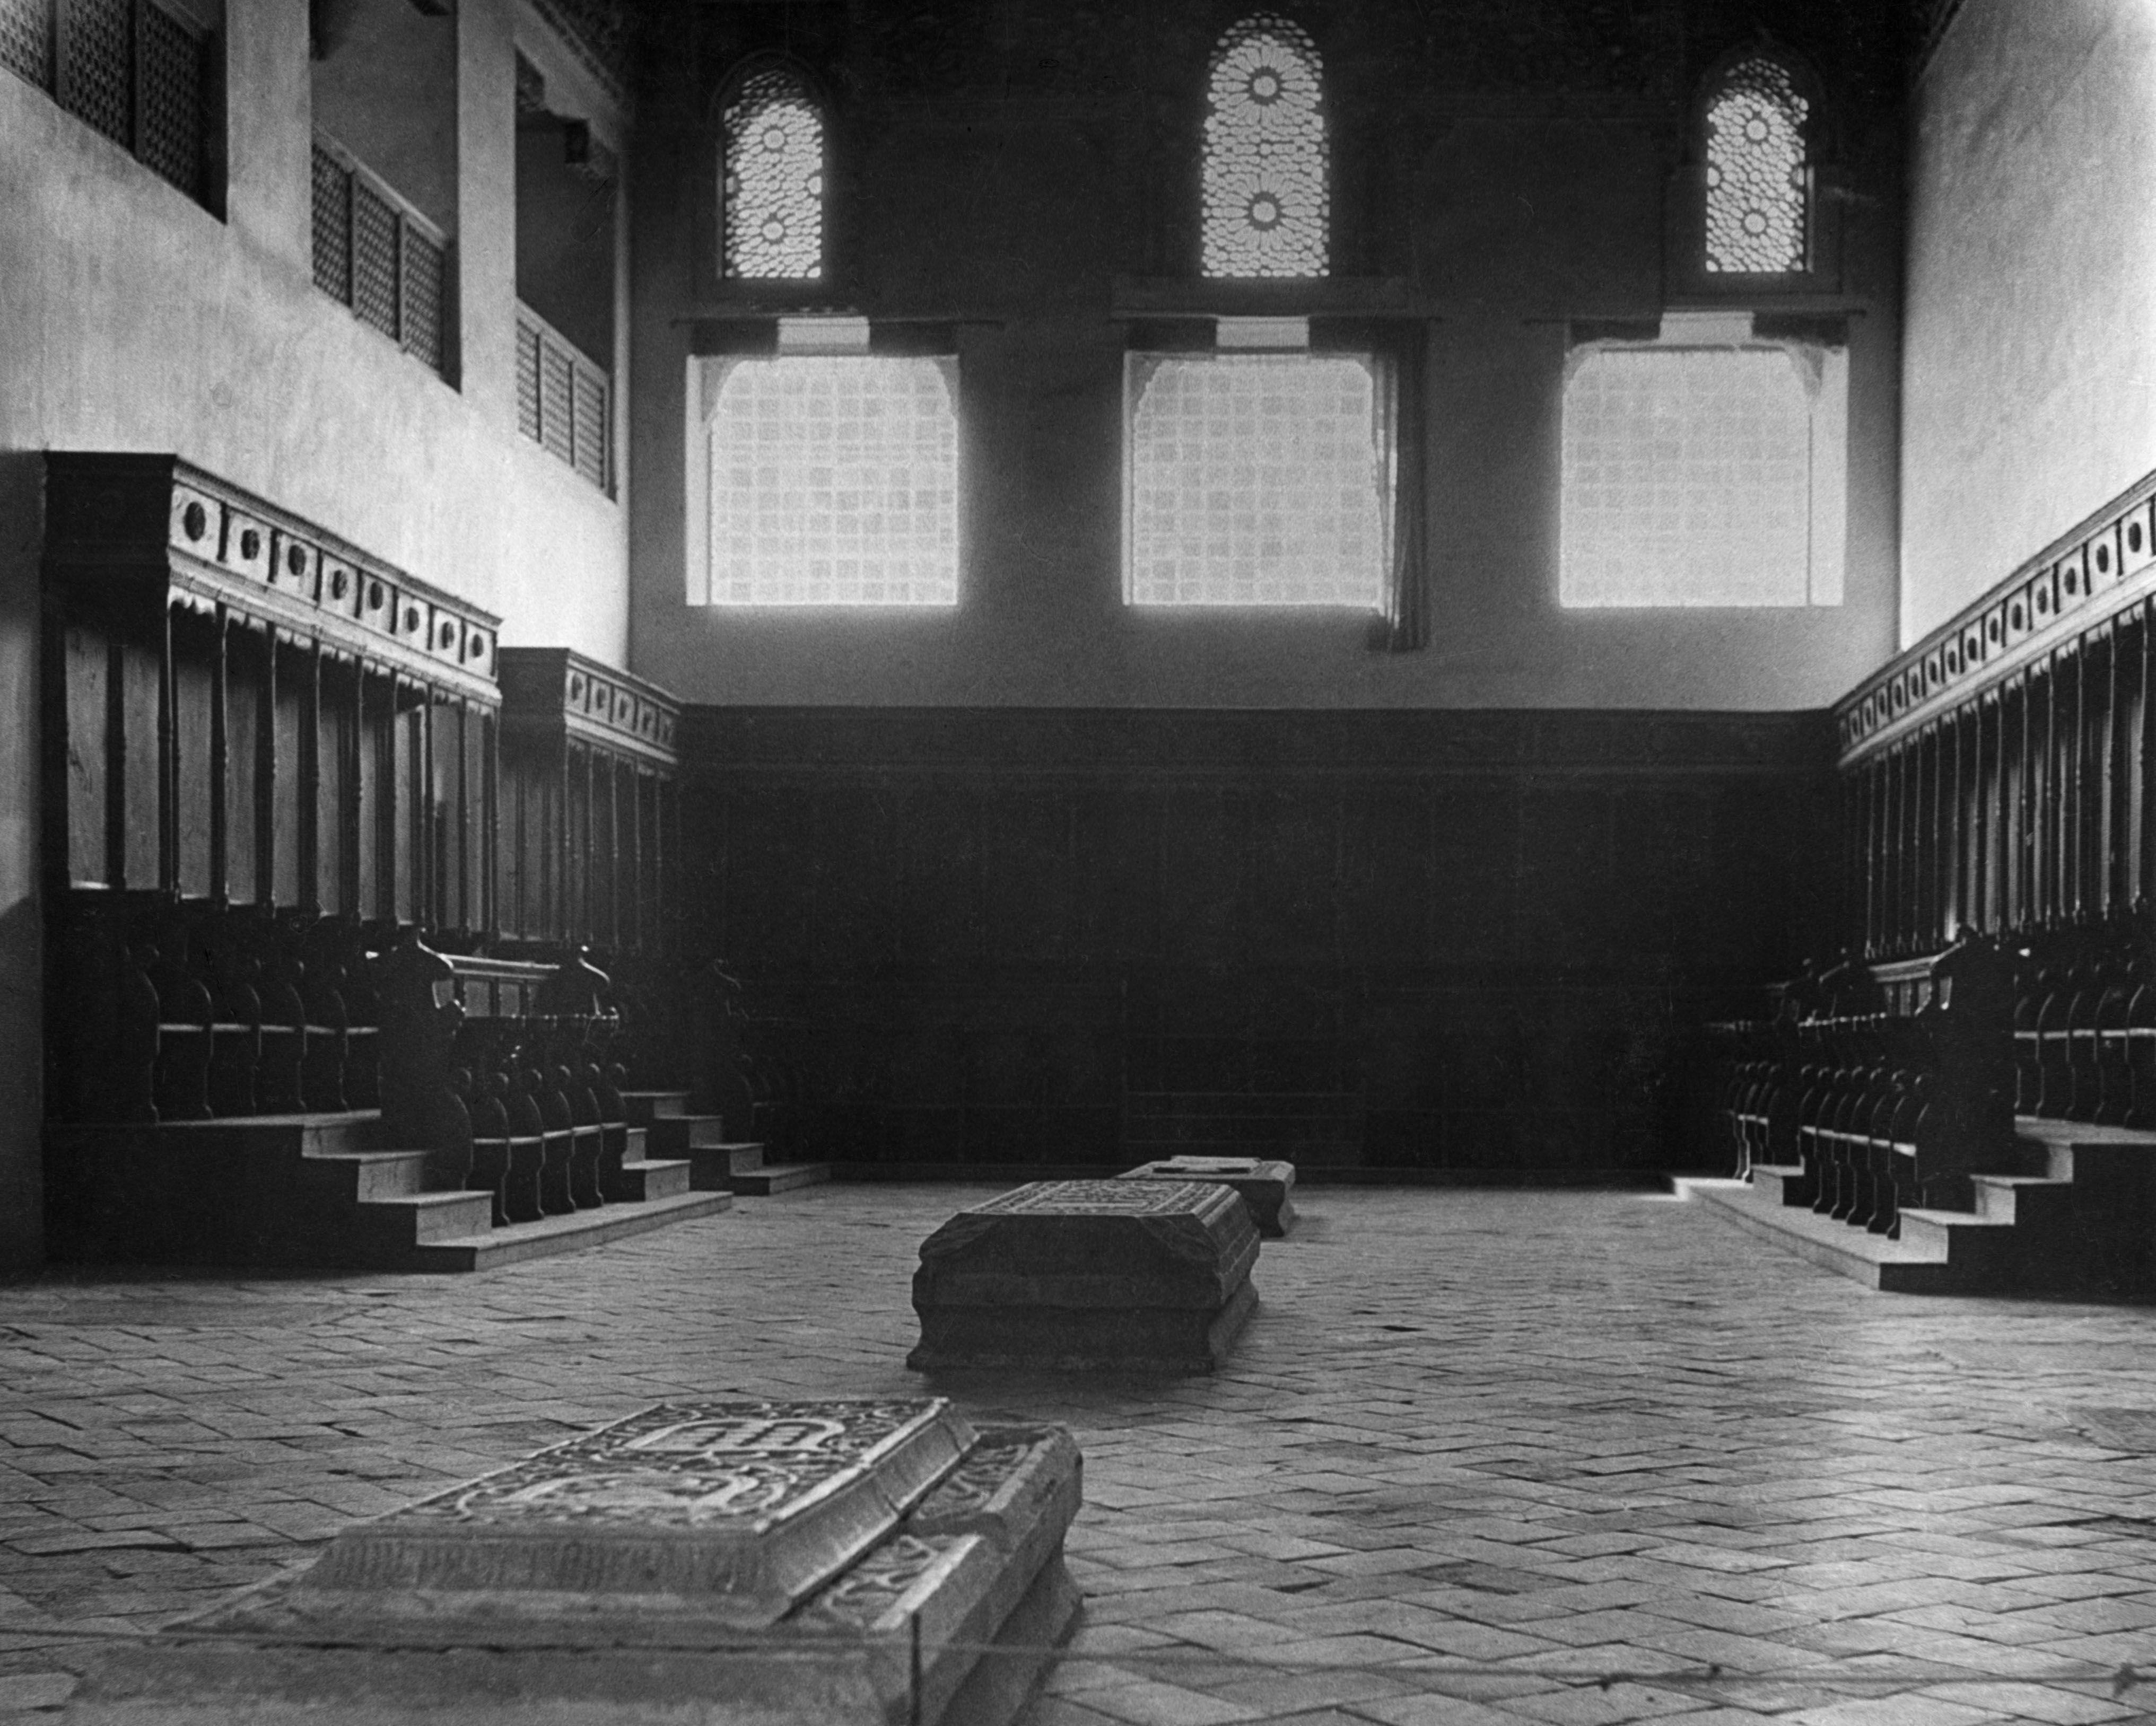 Sinagoga del Tránsito en 1935, fotografía de Abraham Pisarek, propiedad de AKG images